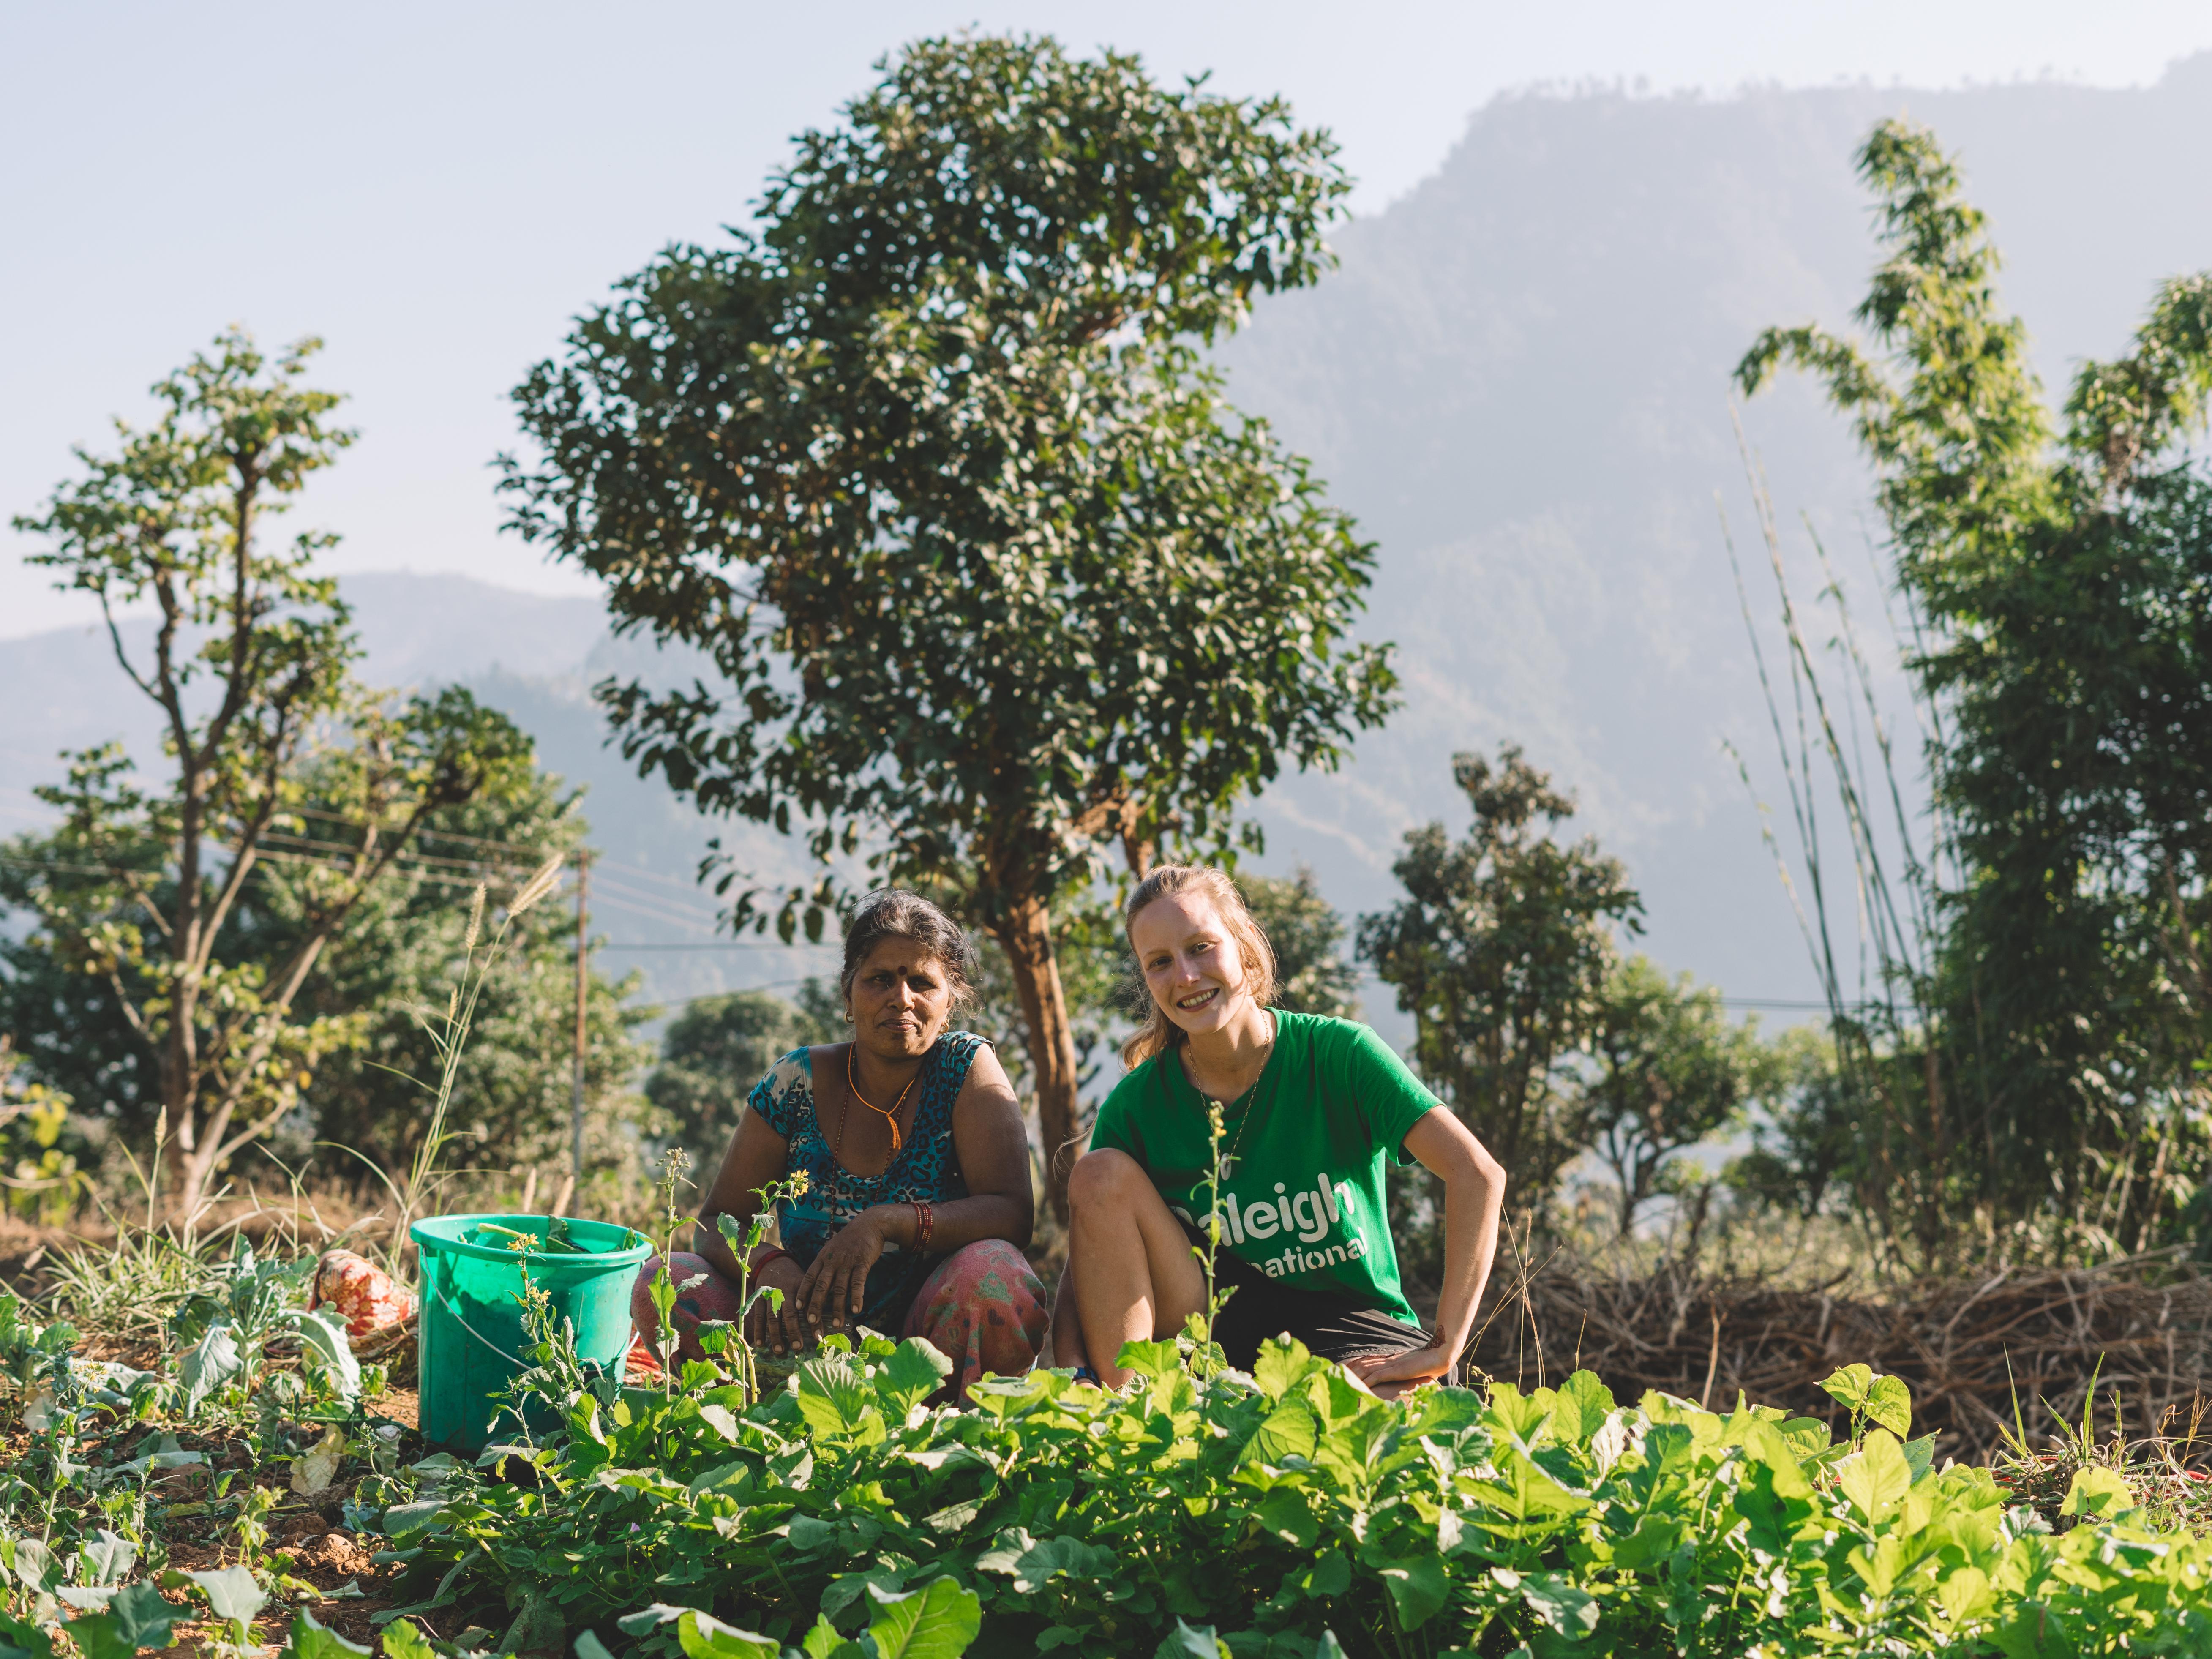 Gap Year Program - Volunteer abroad in 2020: 5 week Raleigh Expeditions in Nepal and Costa Rica (Nov-Dec 2020)  6